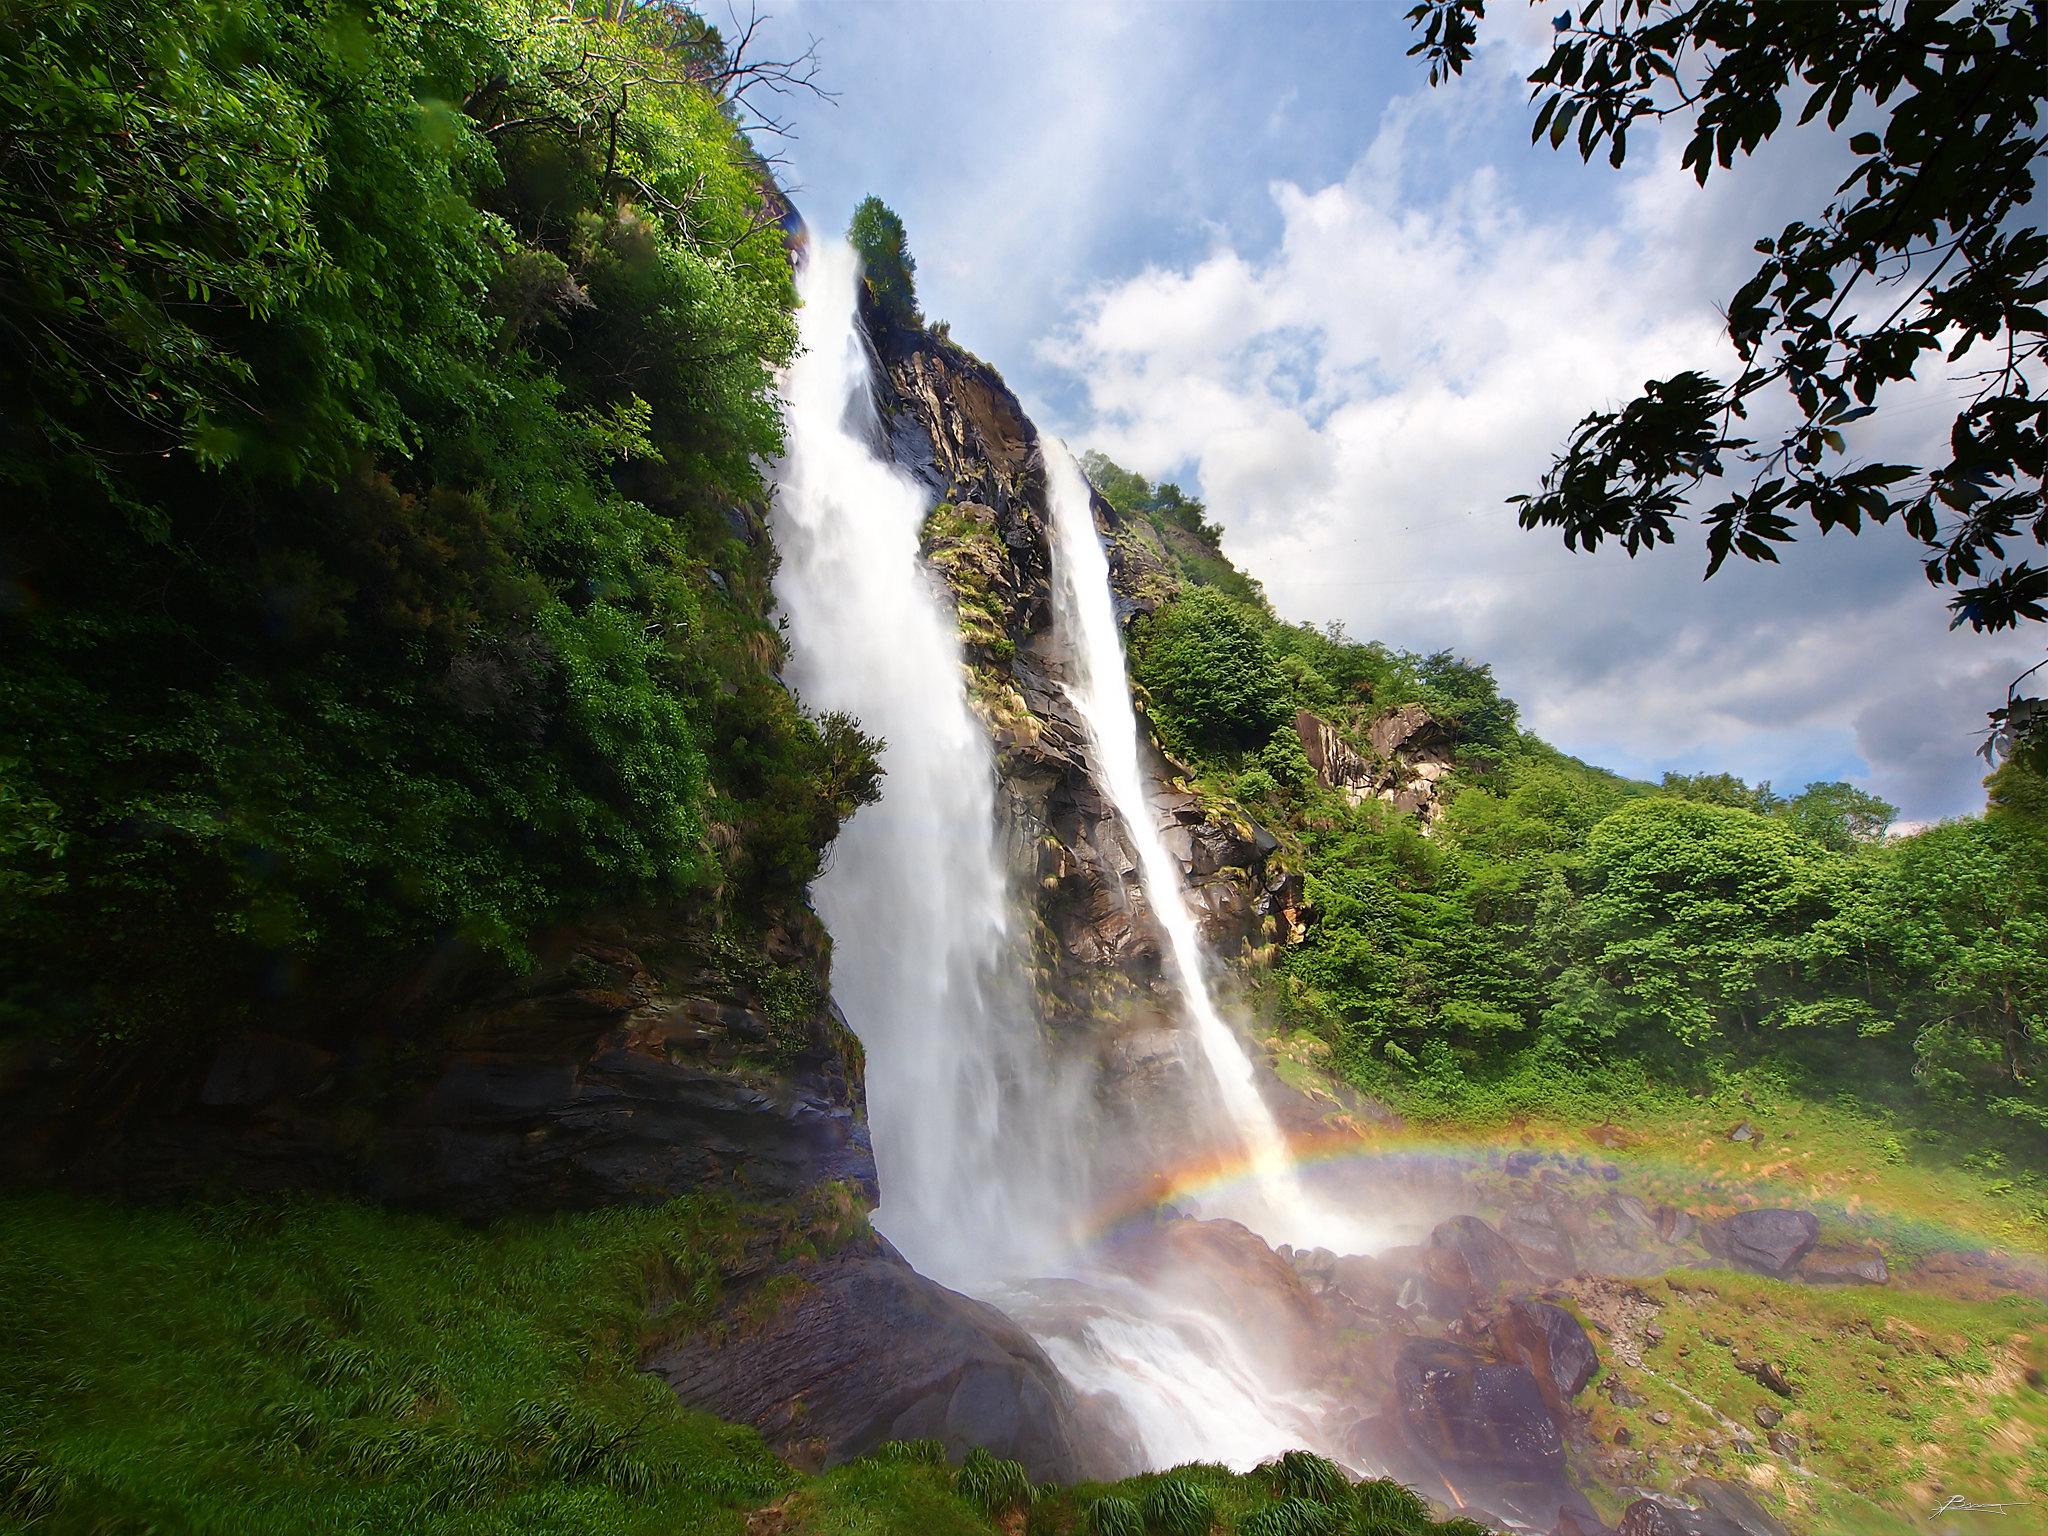 La cascata Aquafraggia, in Lombardia